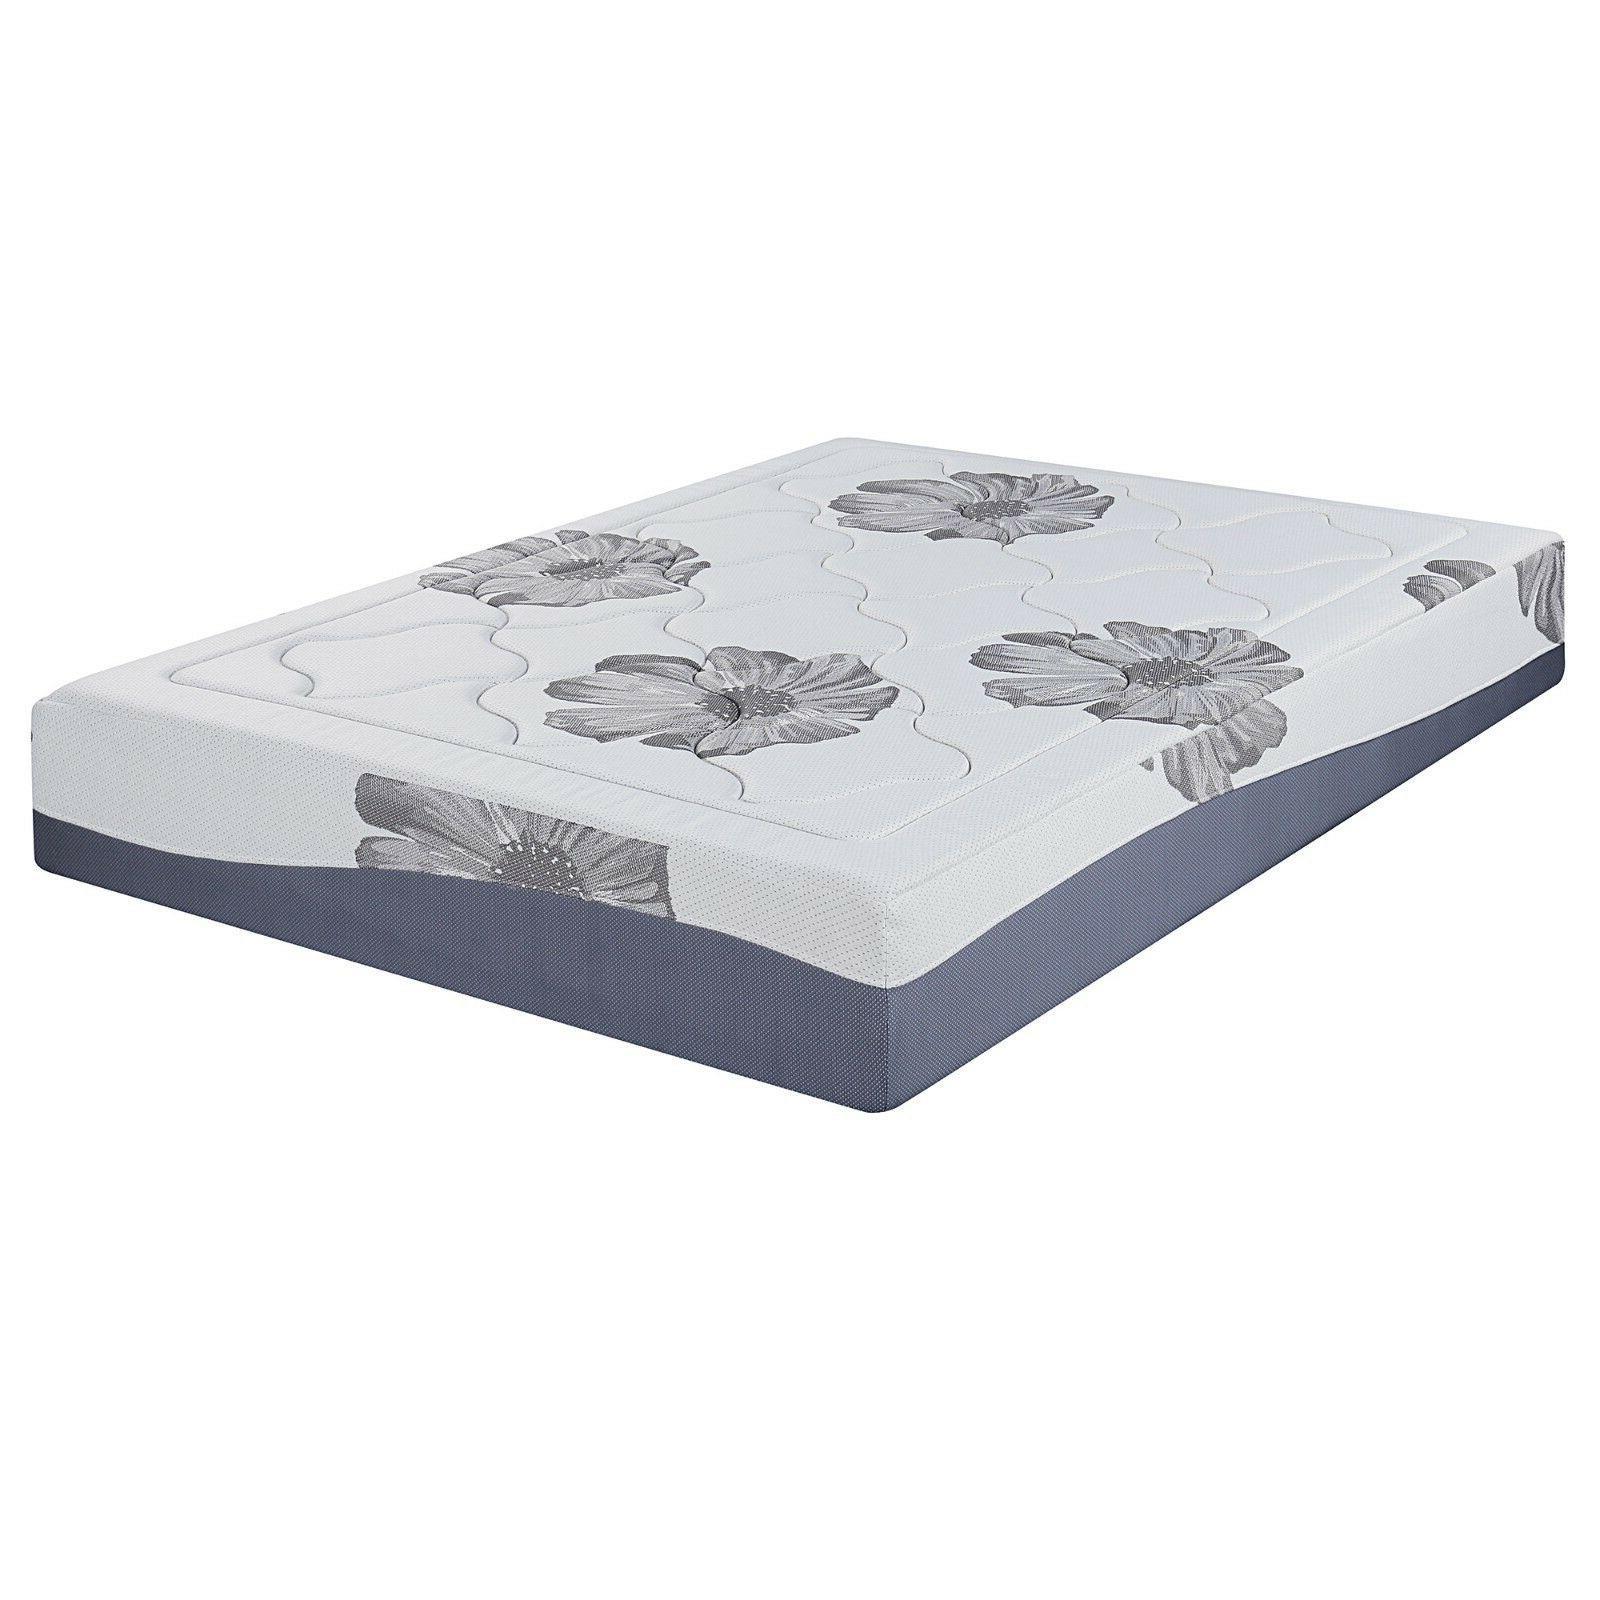 SLEEPLACE 12 Gel Air Flow Foam Bed